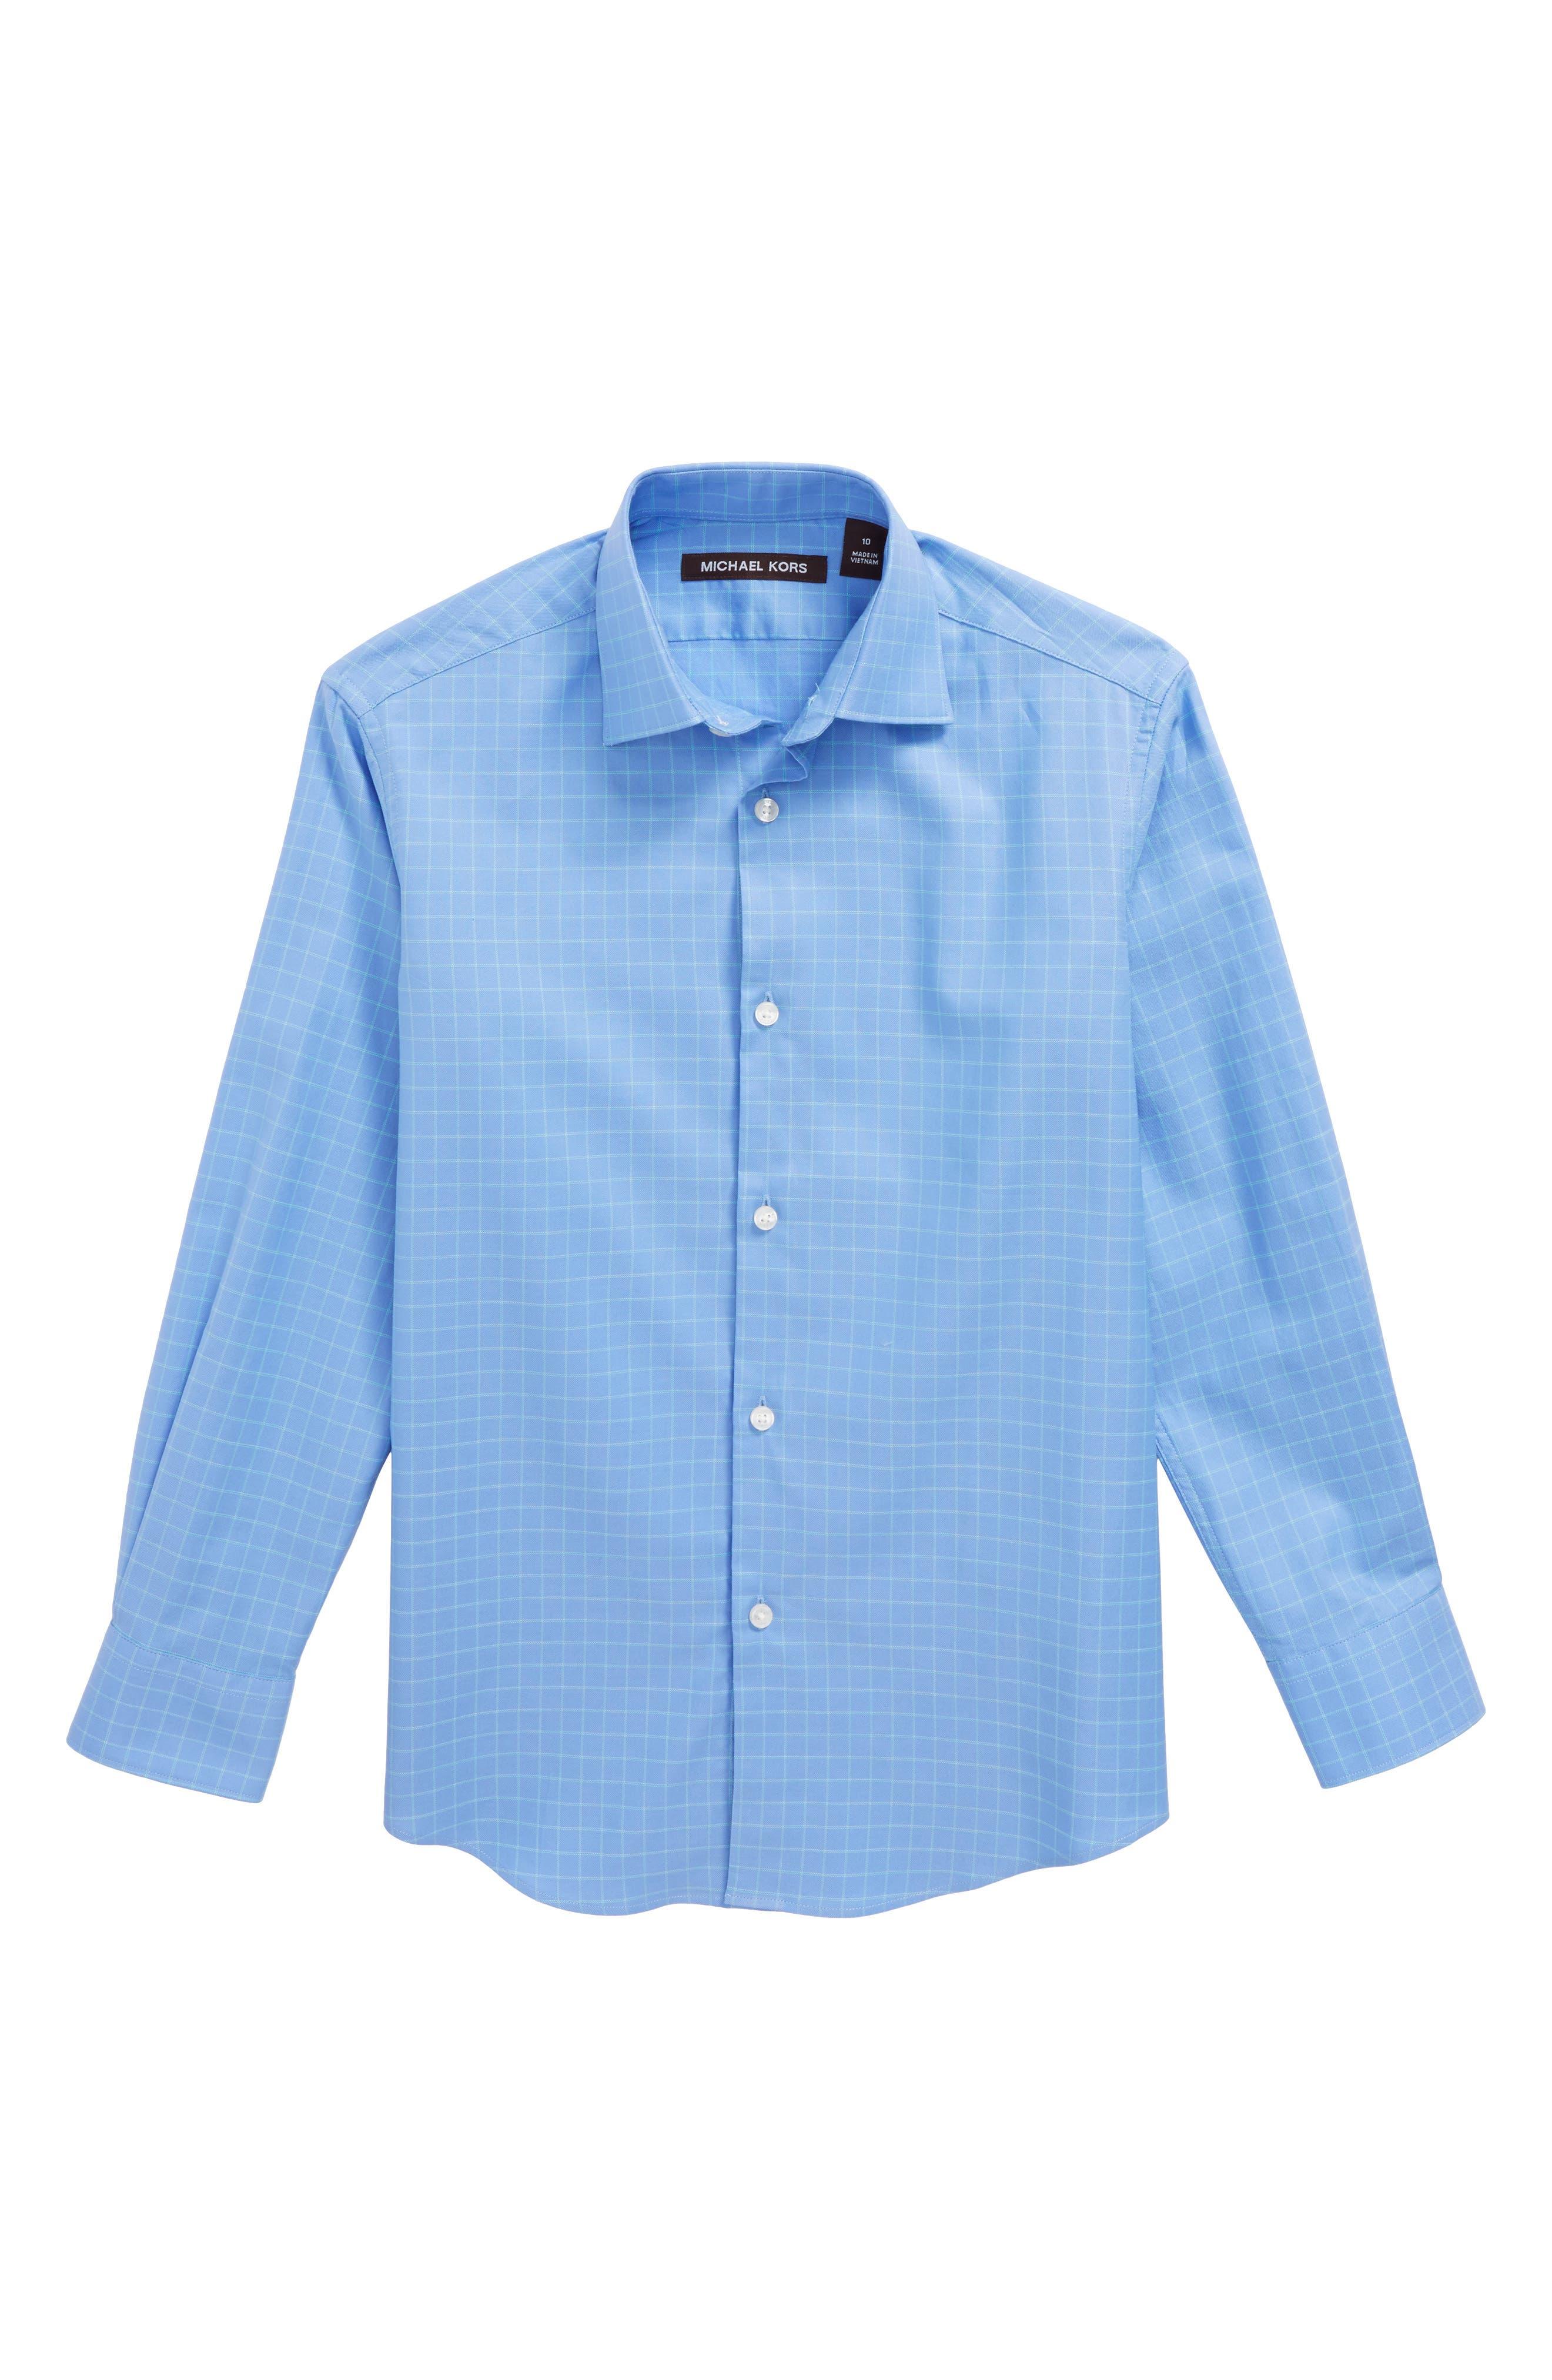 Collection Check Dress Shirt,                             Main thumbnail 1, color,